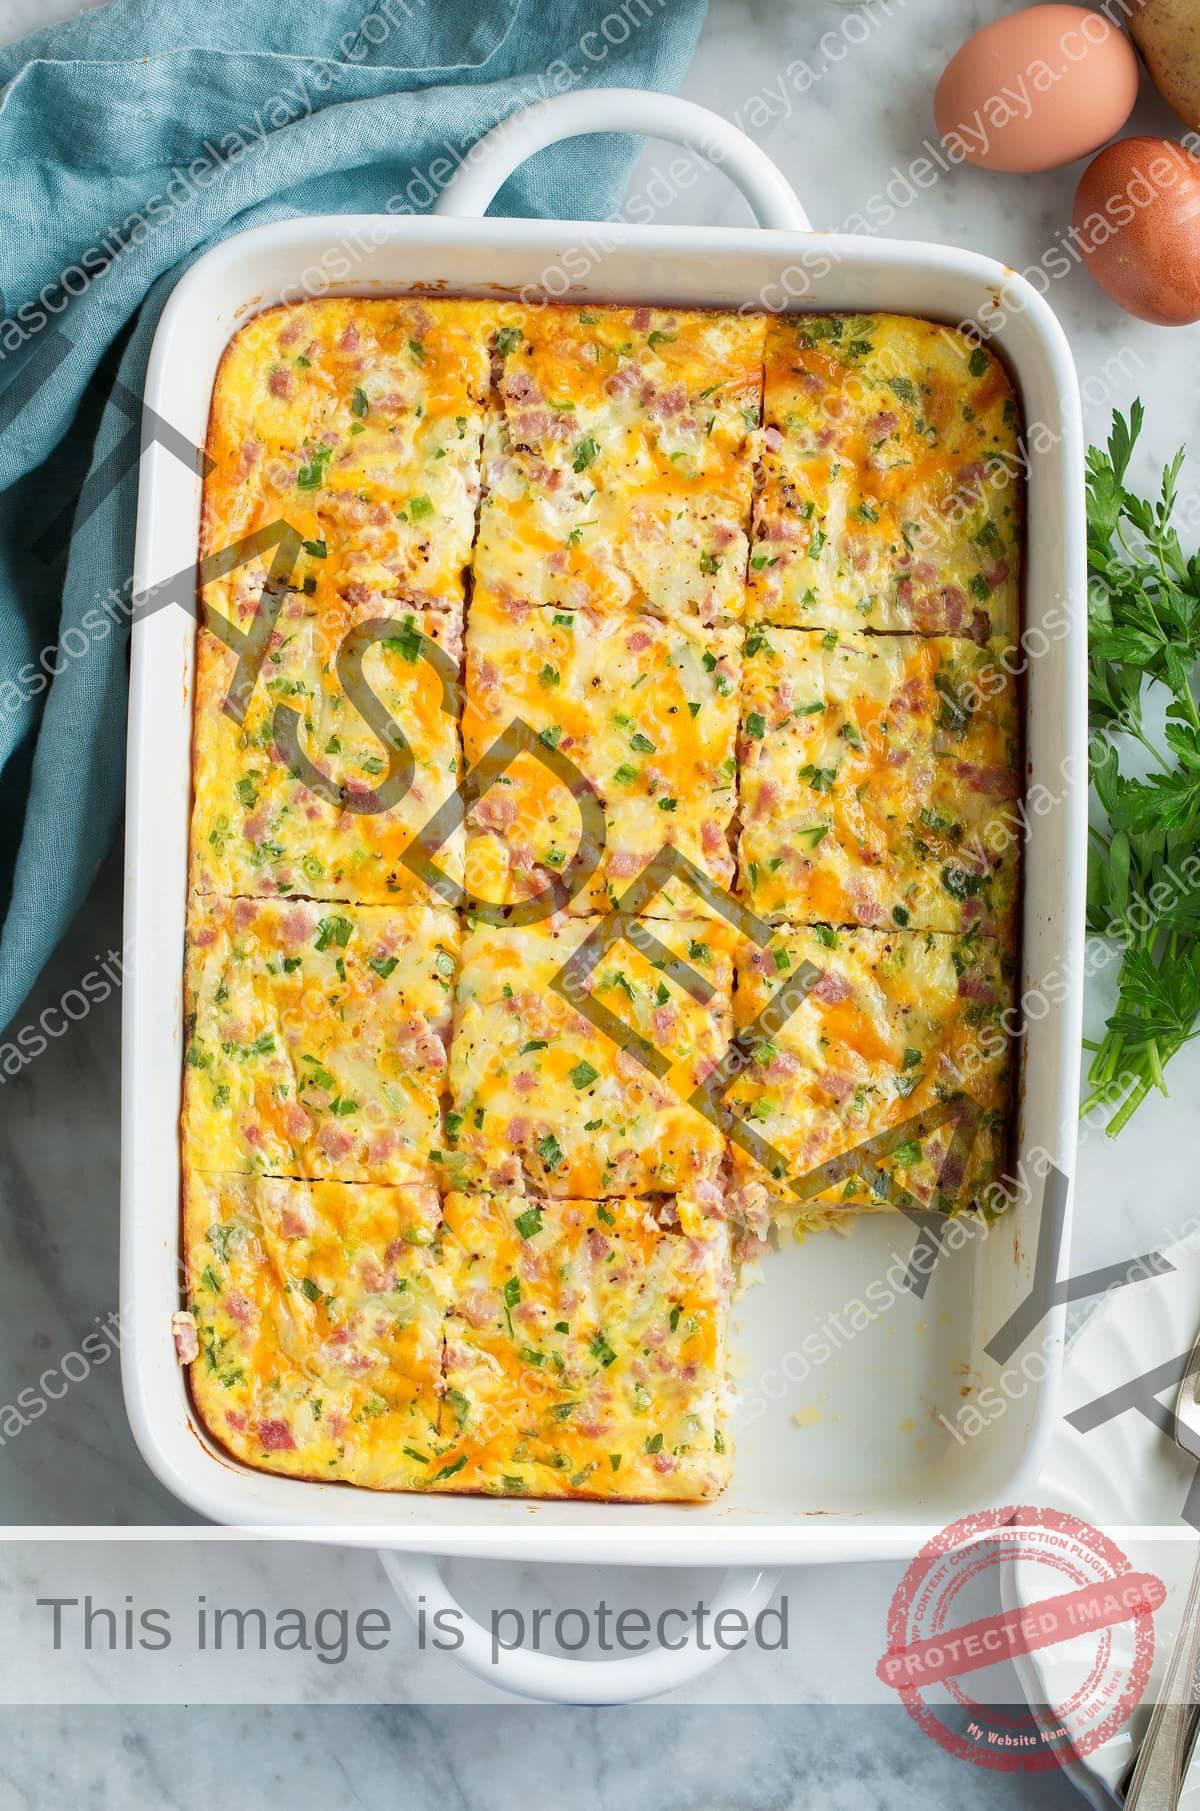 Imagen aérea de una cazuela de desayuno en una bandeja para hornear cortada en rodajas.